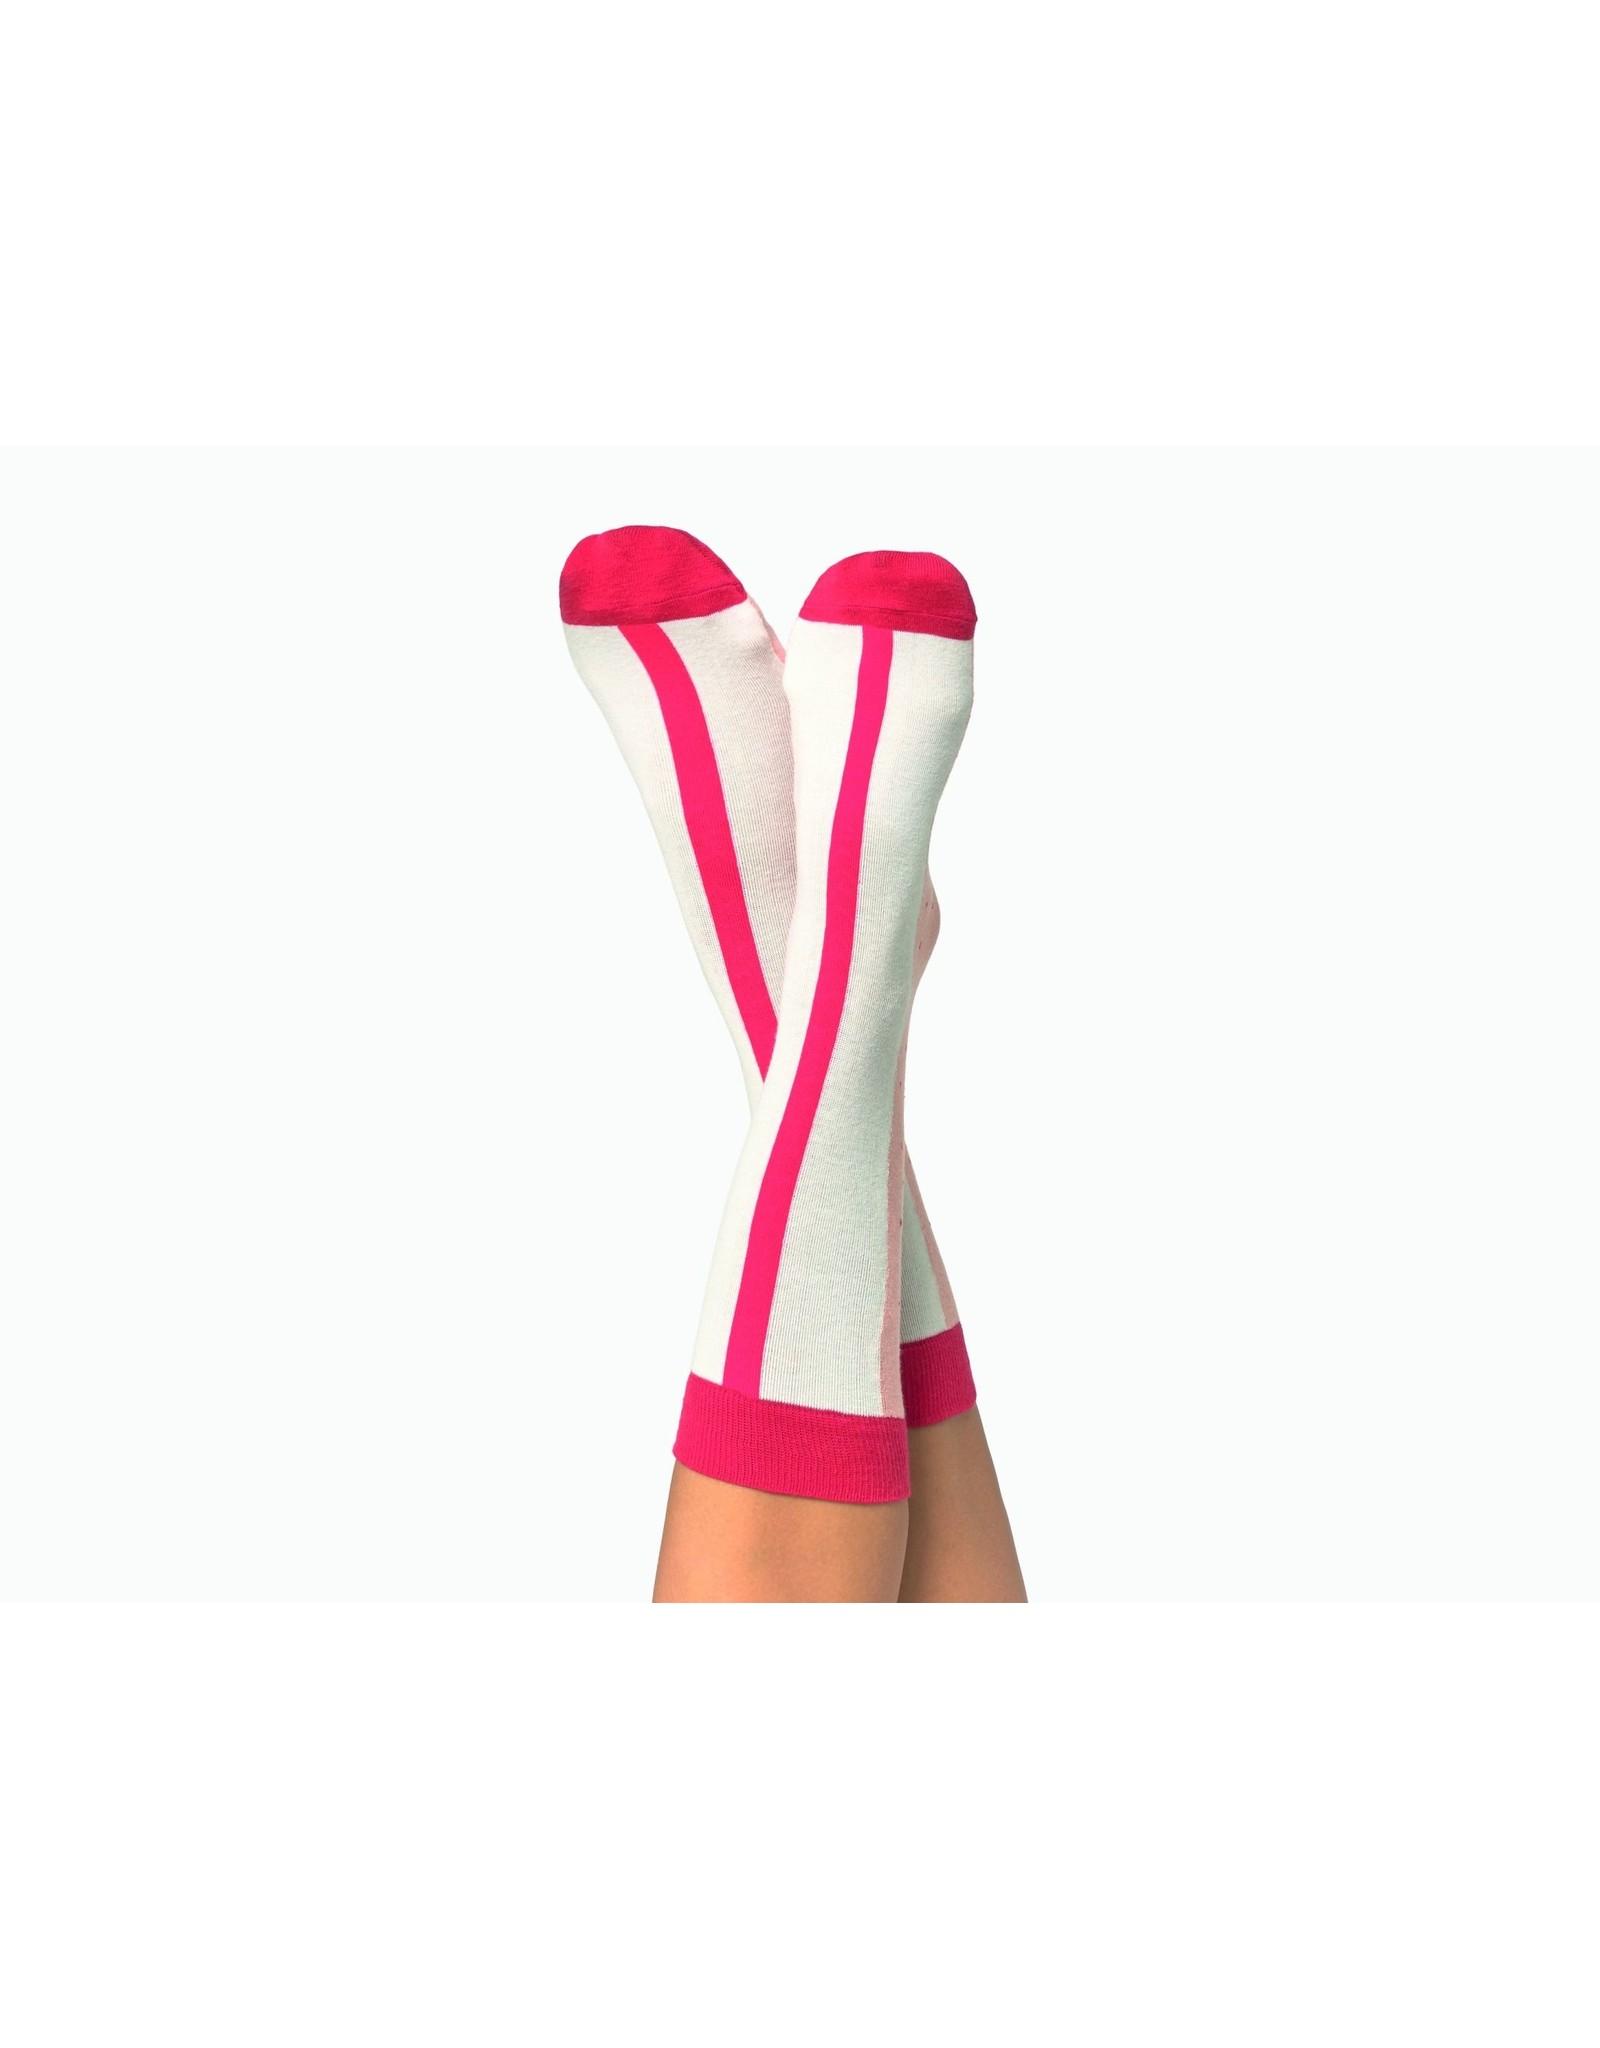 socks - strawberry smoothie (6)